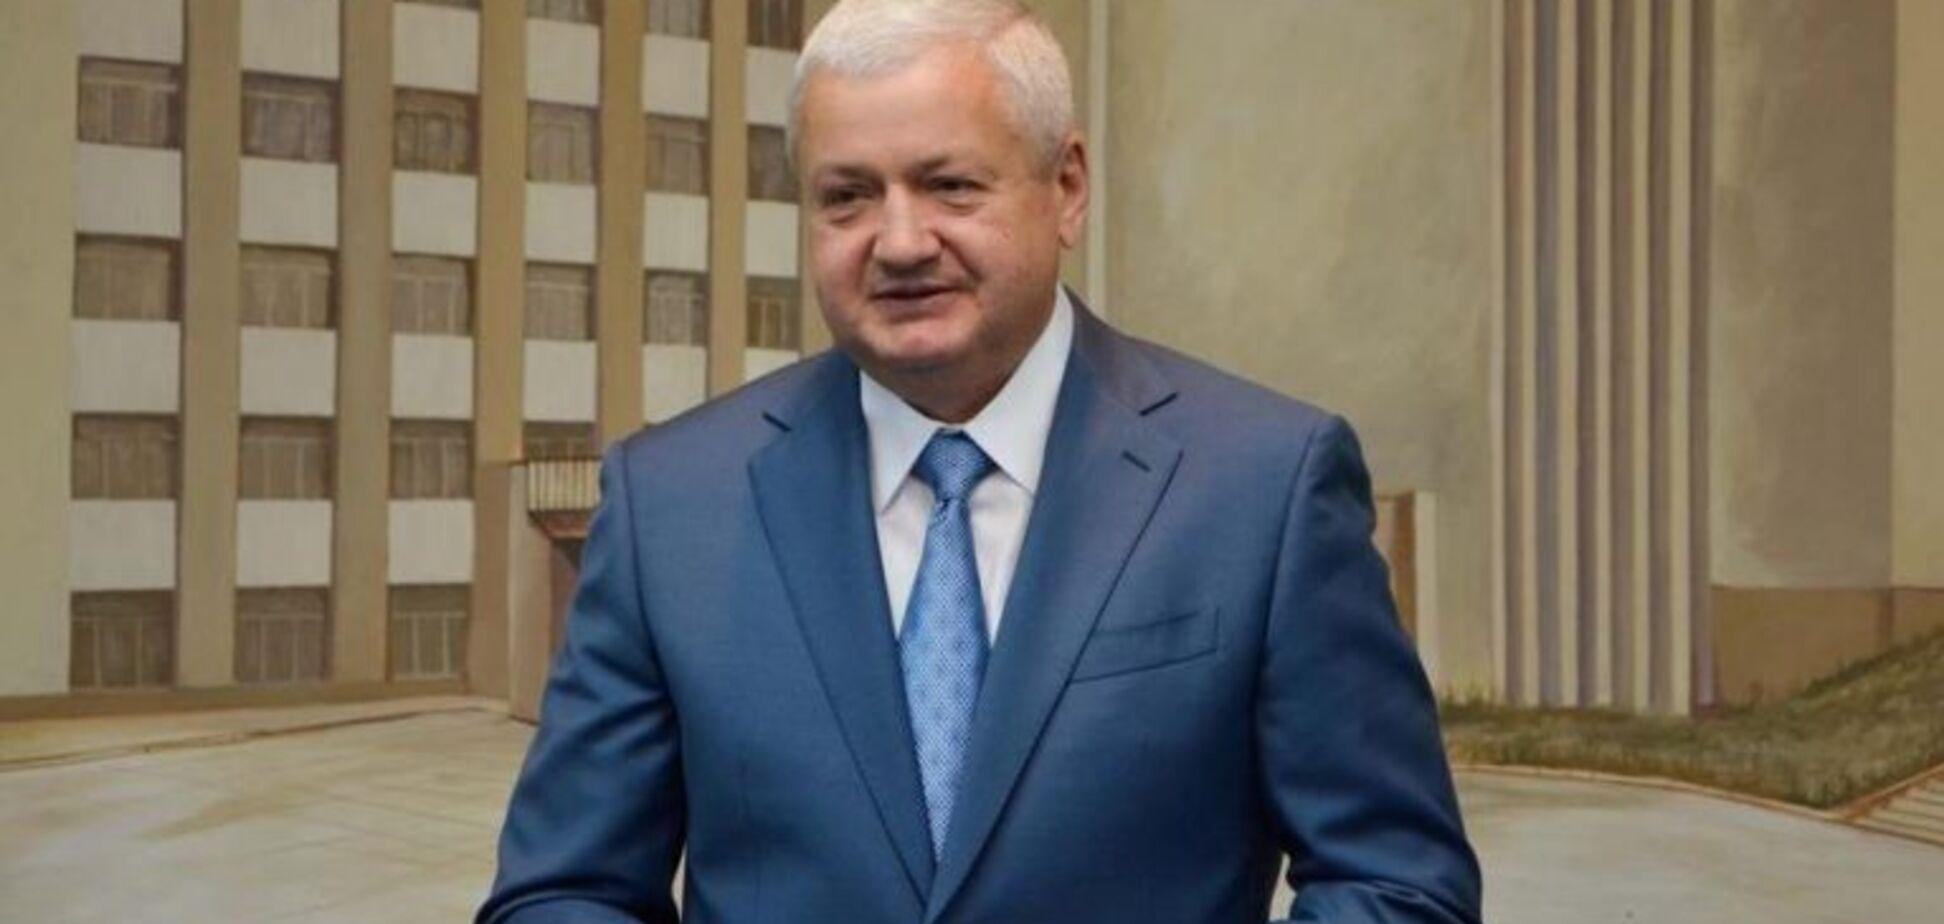 Скандал с КОРД и задержанием патрульных: ГБР открыло производство